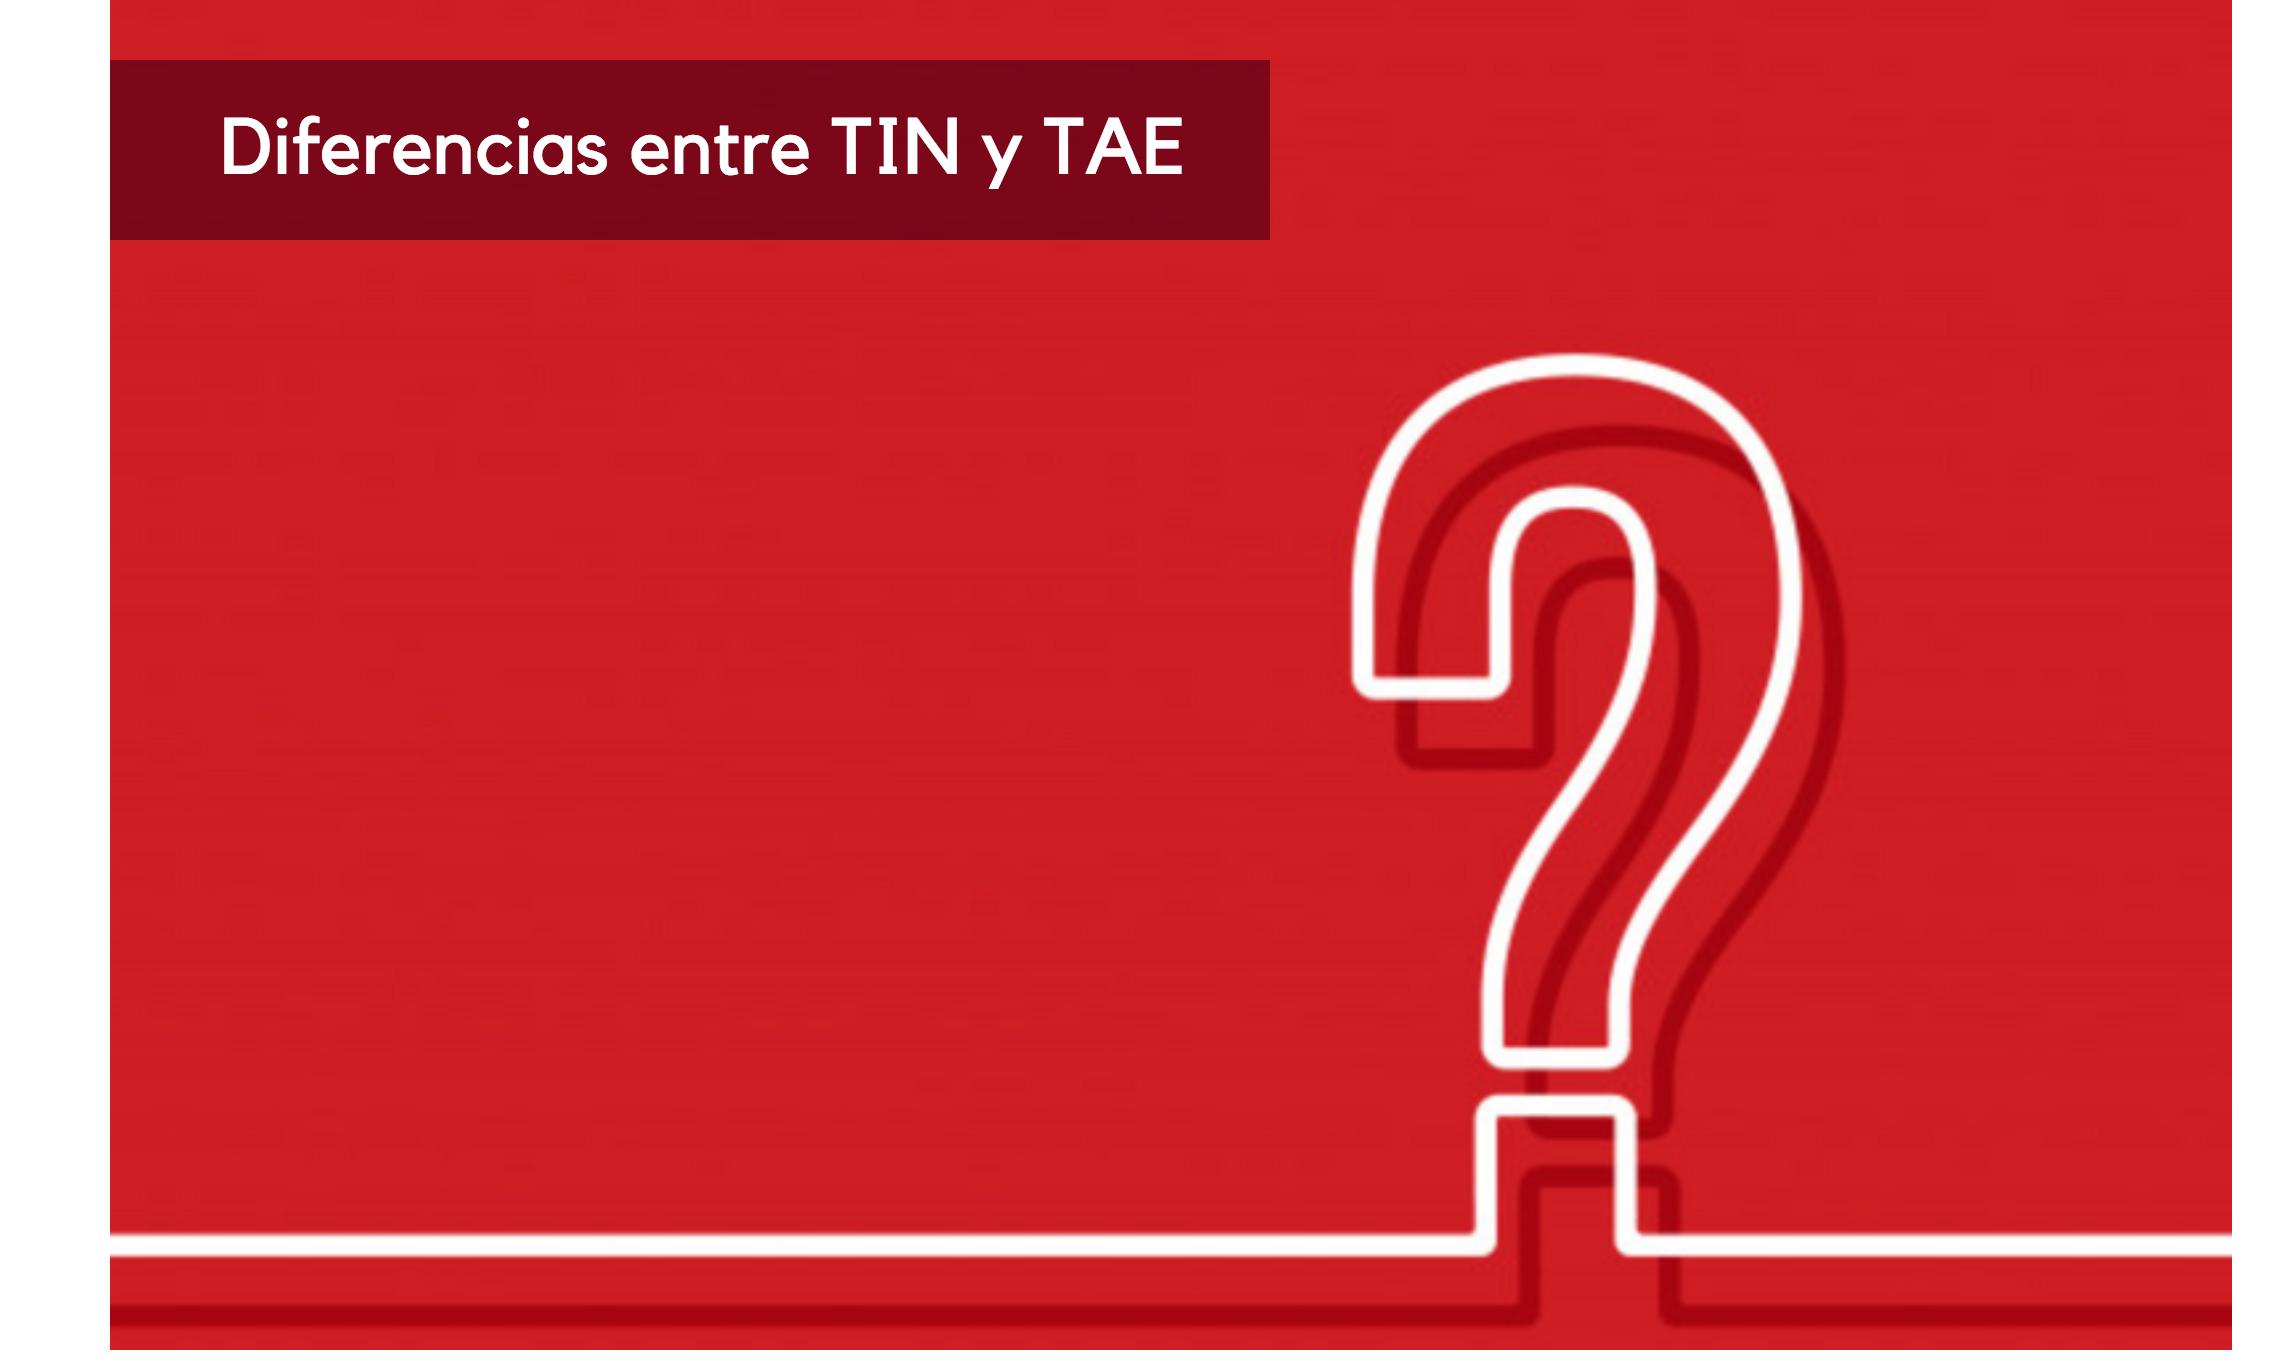 Diferencias entre tin y tae